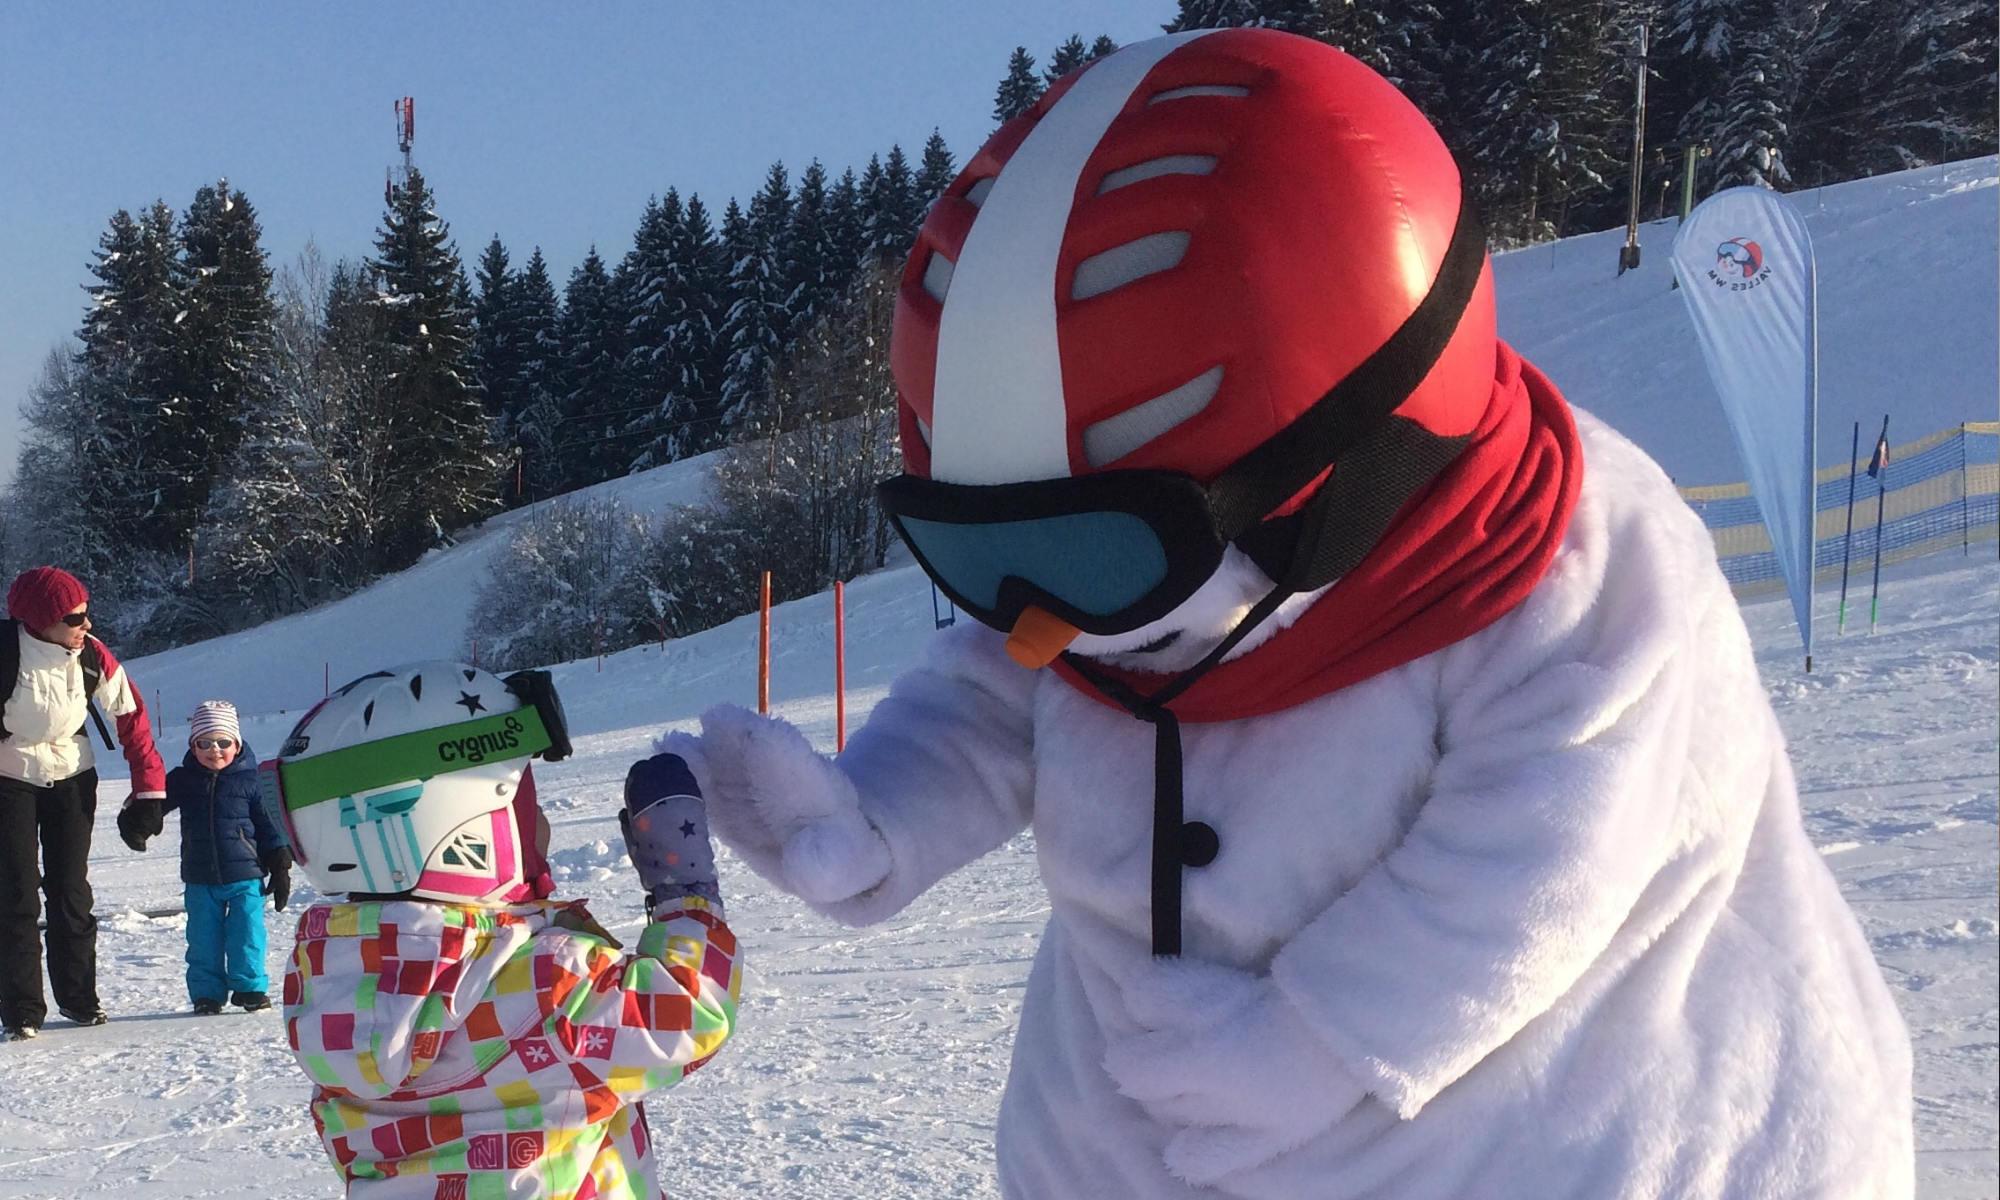 Das Maskottchen Valle klatscht mit einem Mädchen auf der Skipiste ein.